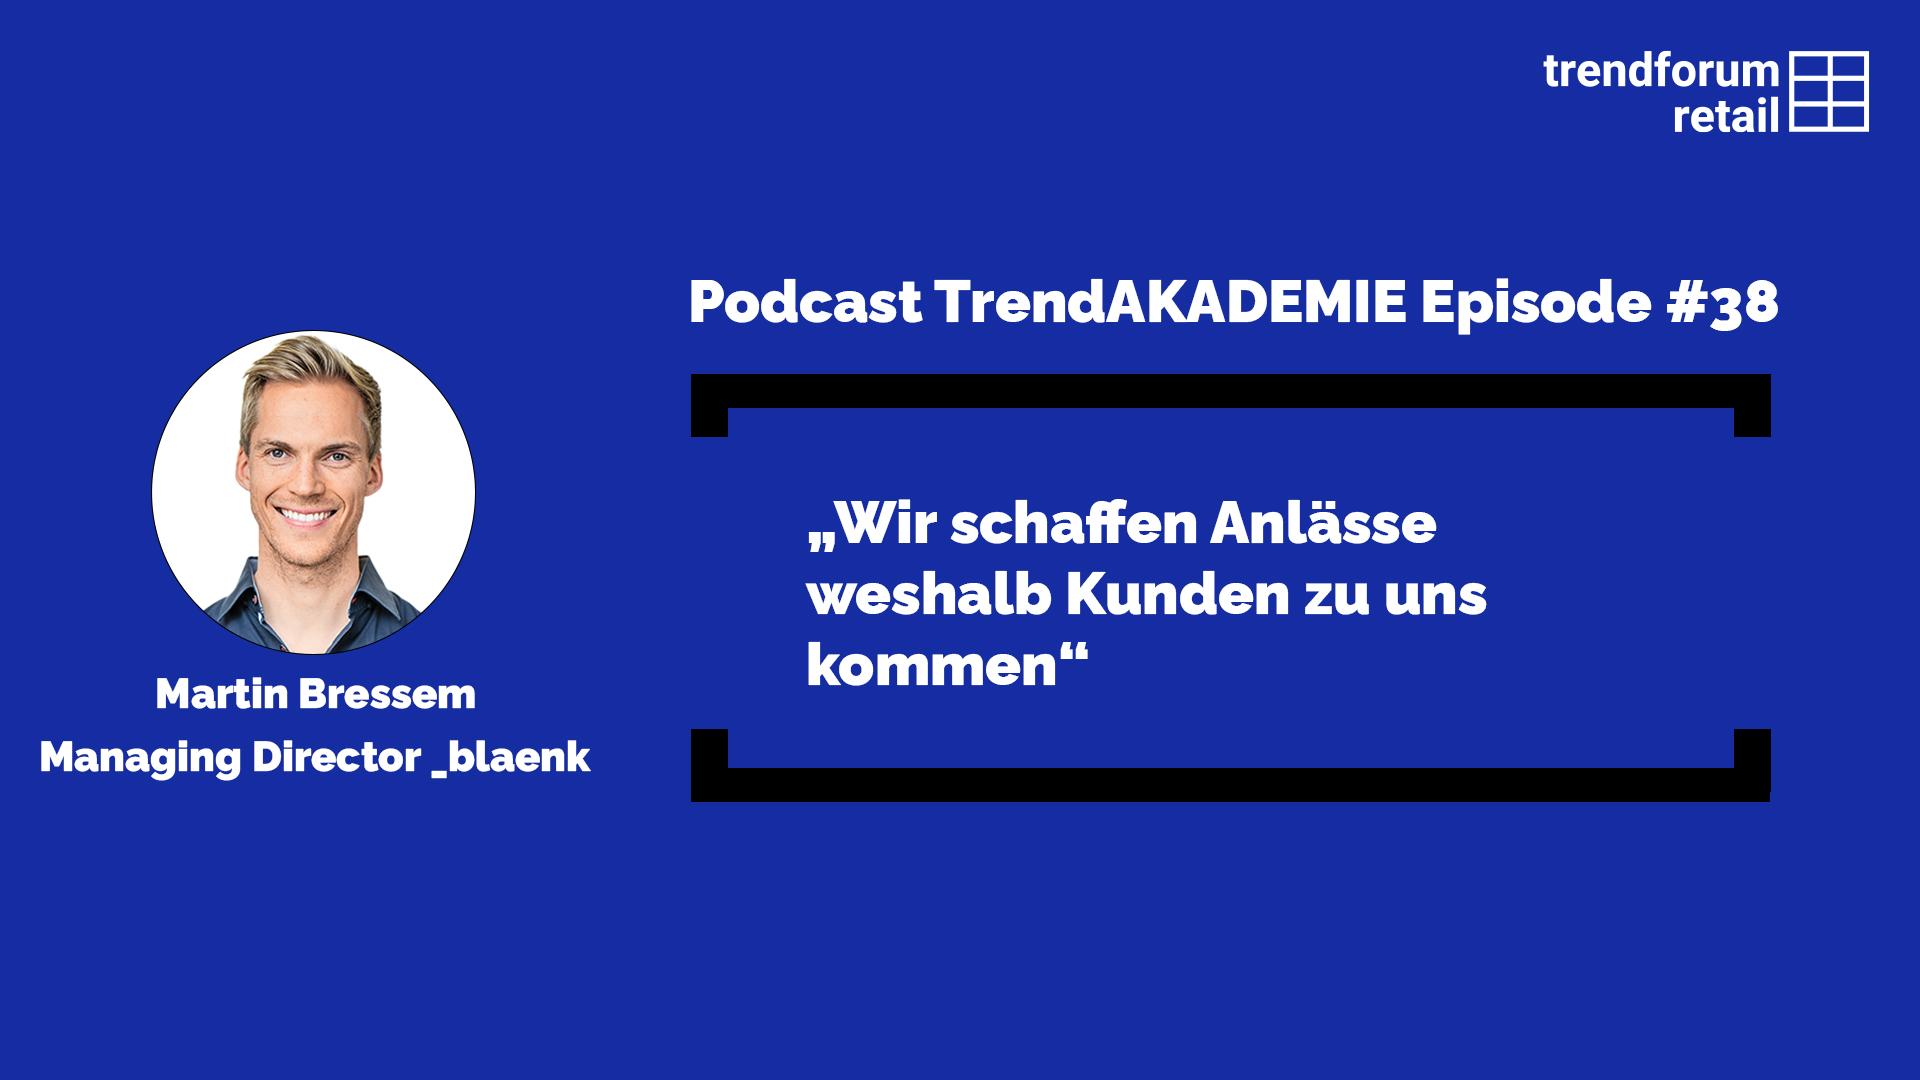 """Podcast TrendAKADEMIE - Episode 38: """"Wir schaffen Anlässe weshalb Kunden zu uns kommen"""